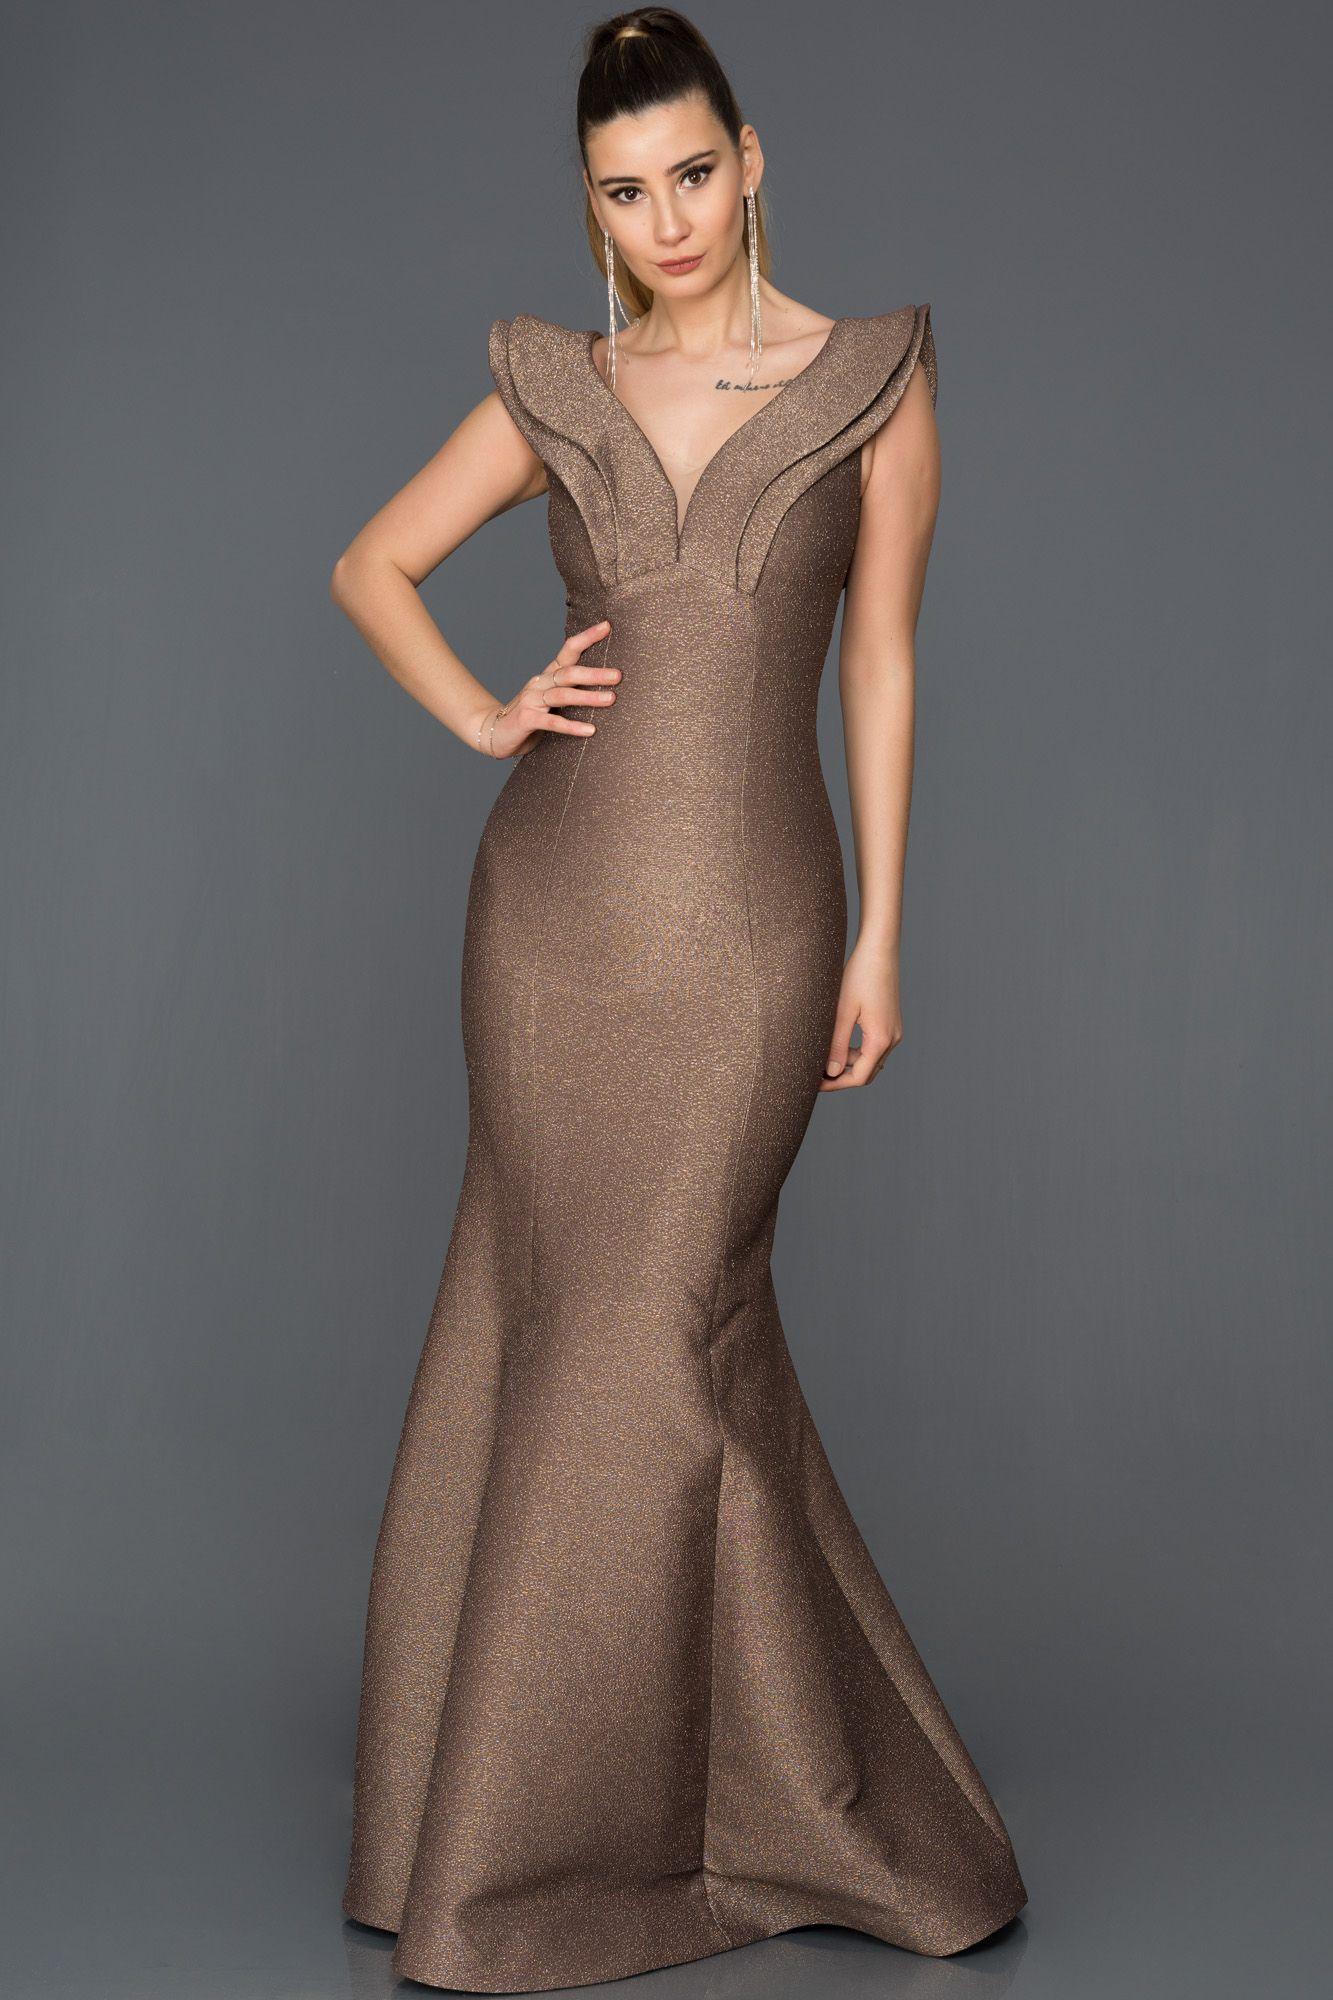 Bakir V Yaka Balik Abiye Abu318 The Dress Moda Stilleri Elbiseler